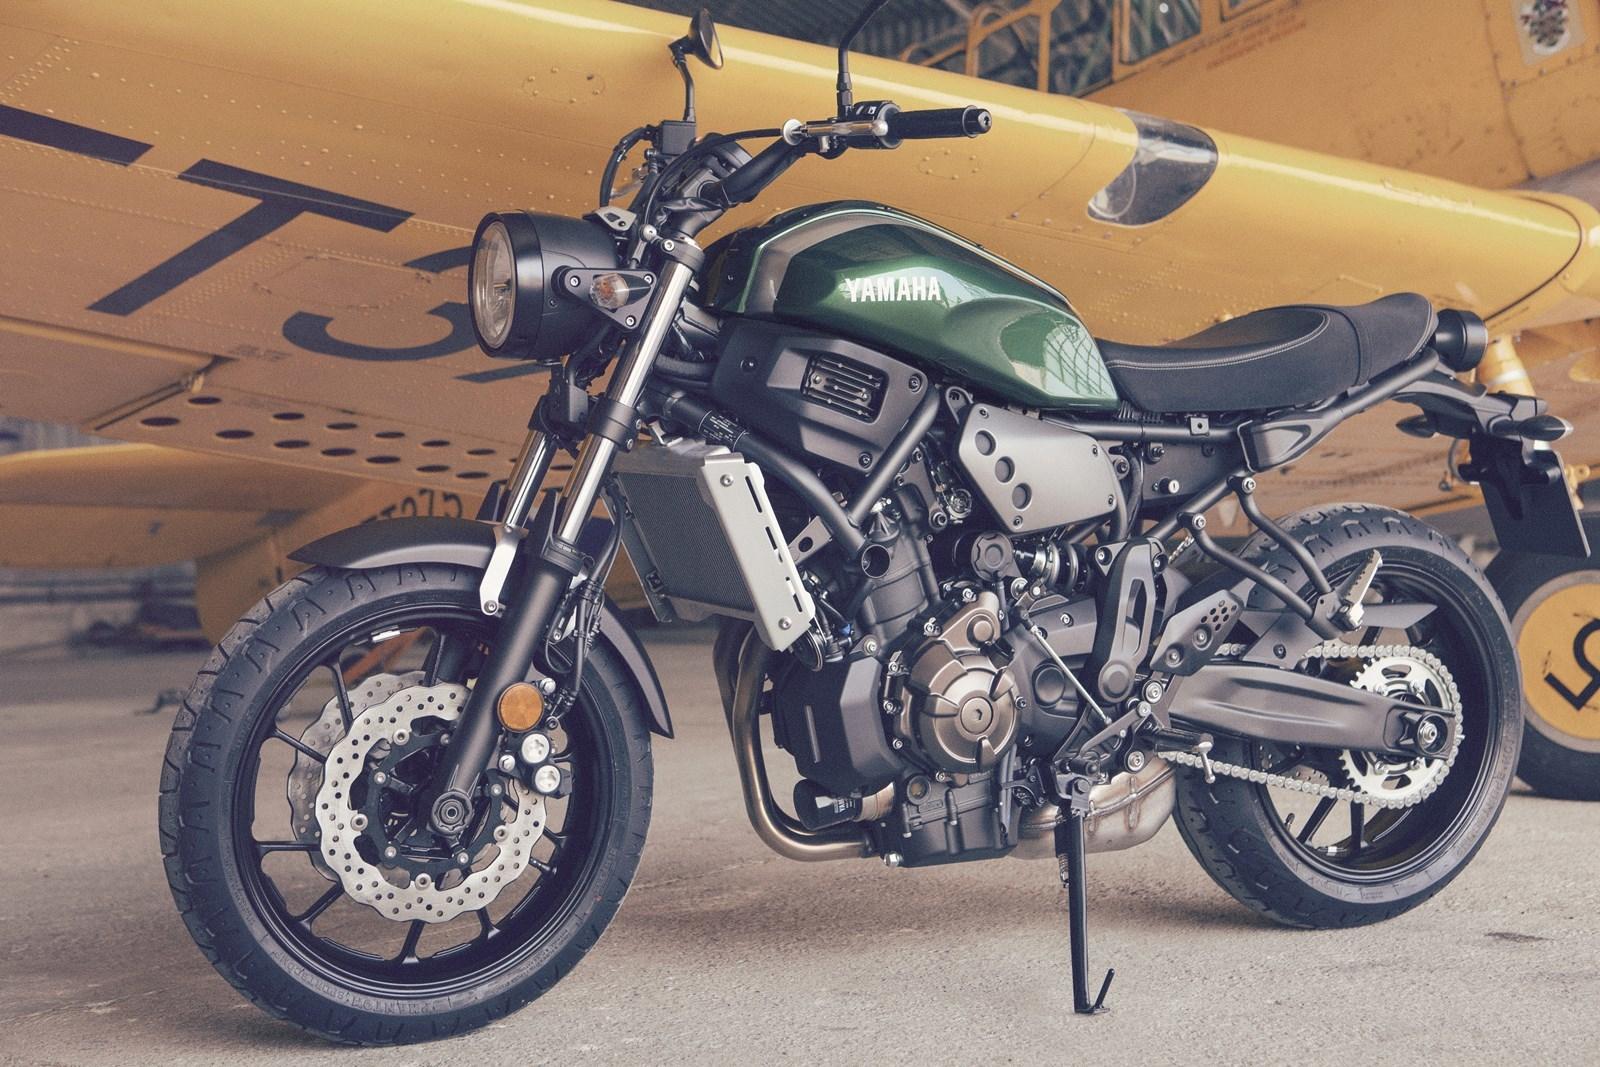 Foto de Yamaha XSR700 en acción y detalles (18/41)